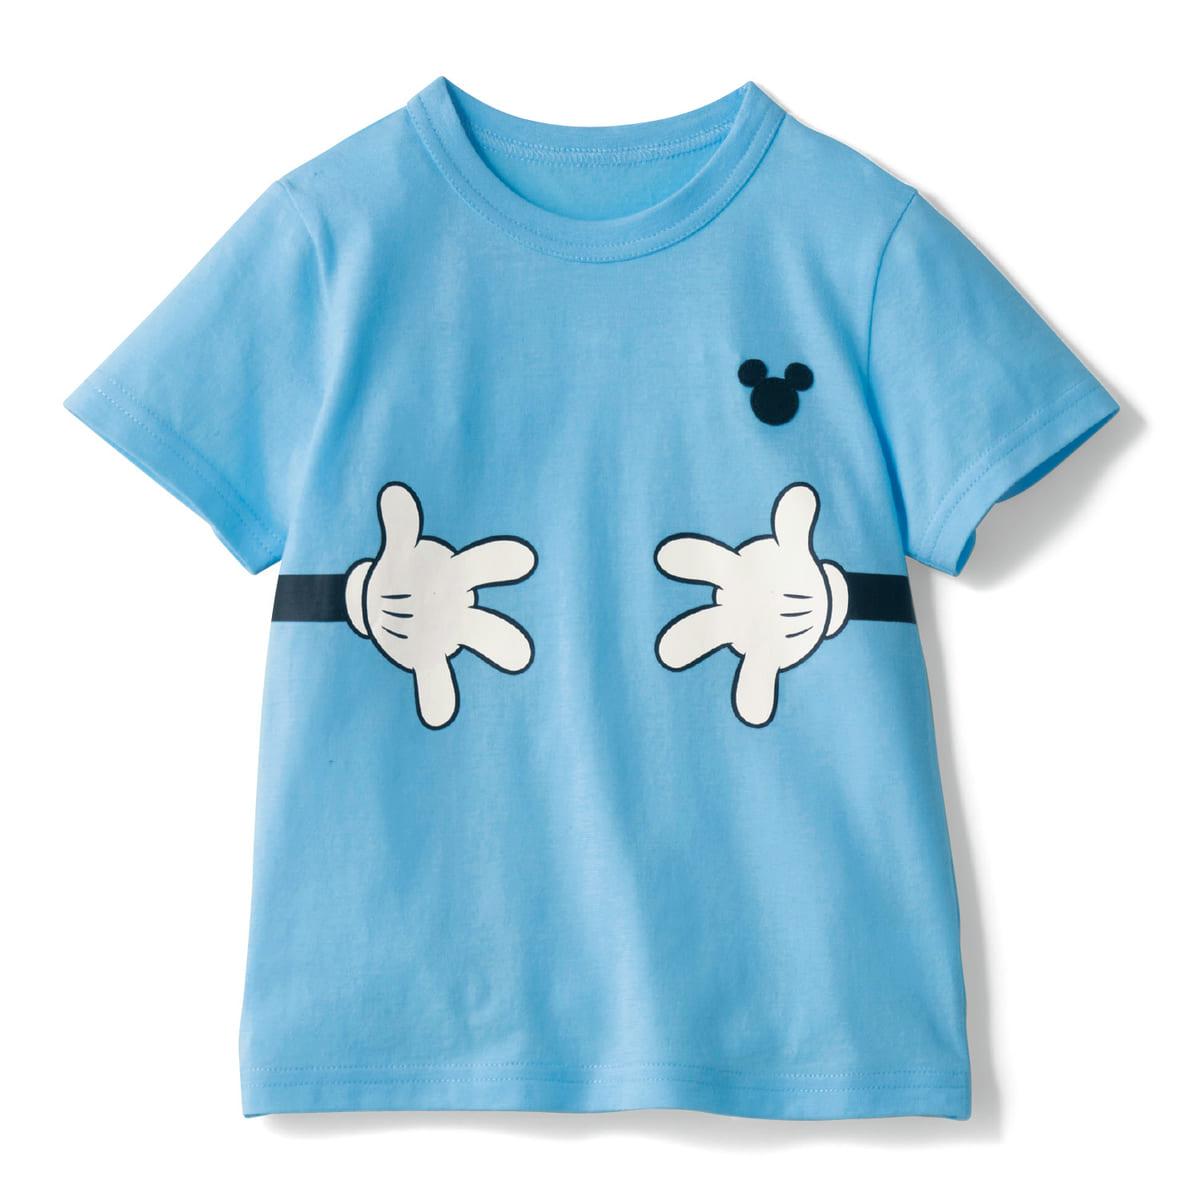 薄くて涼しい半袖Tシャツ ミッキー